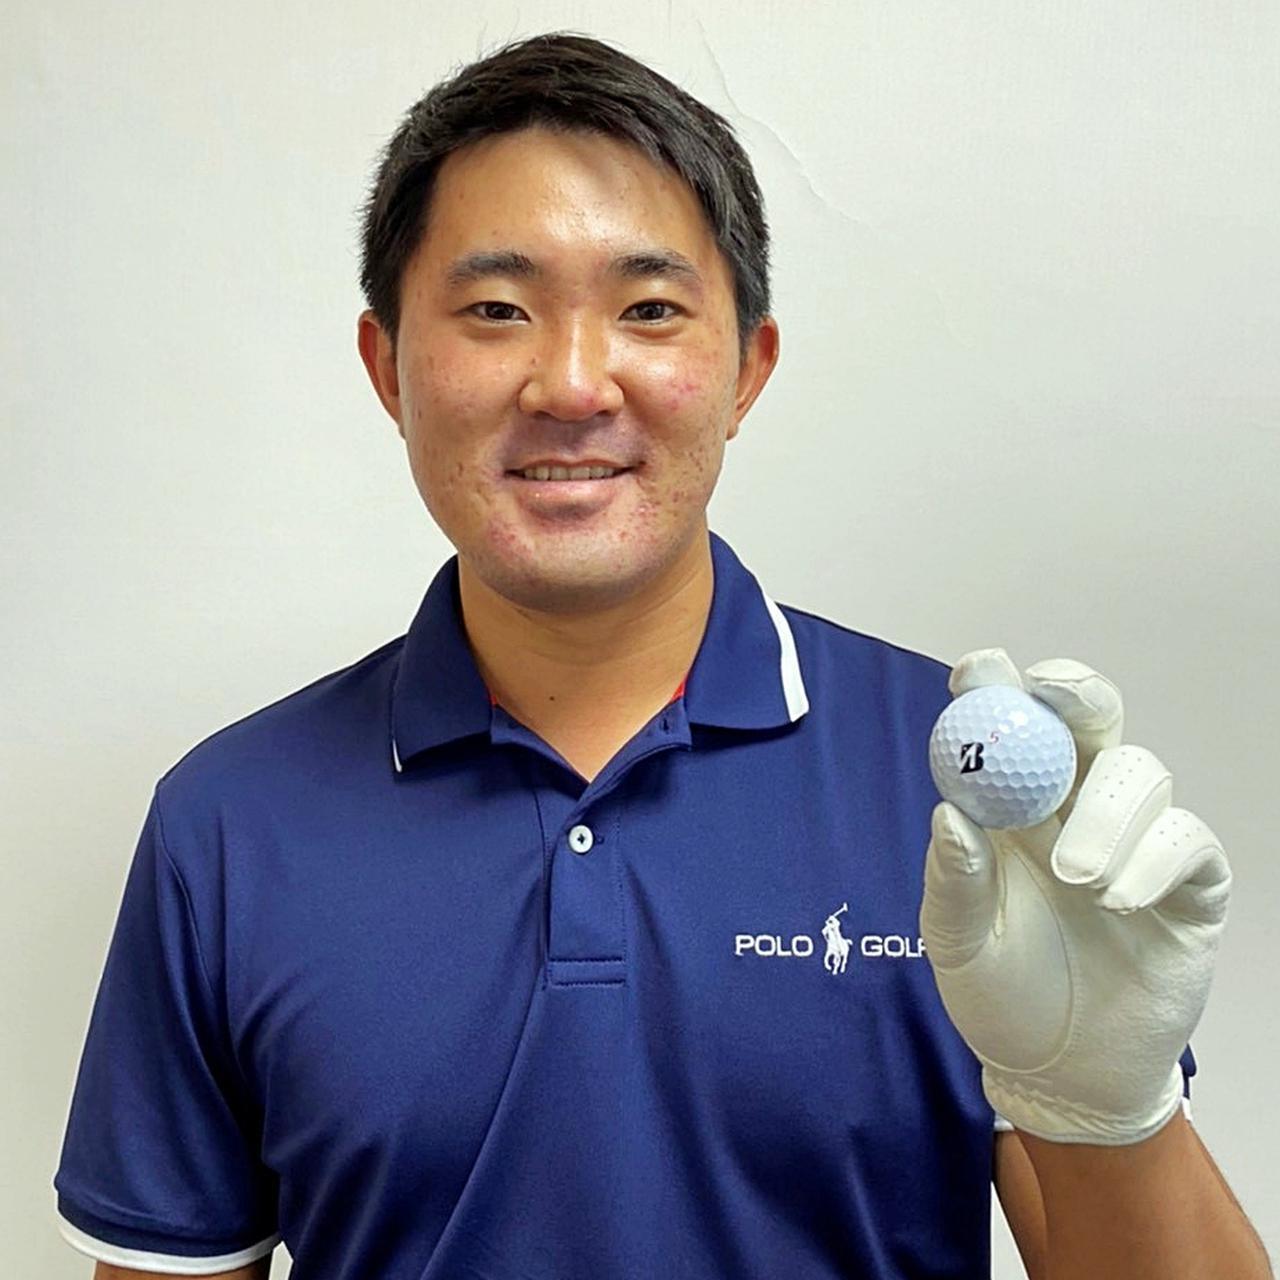 画像: ブリヂストンゴルフとボール契約を交わした金谷拓実(写真はブリヂストンゴルフリリースより)